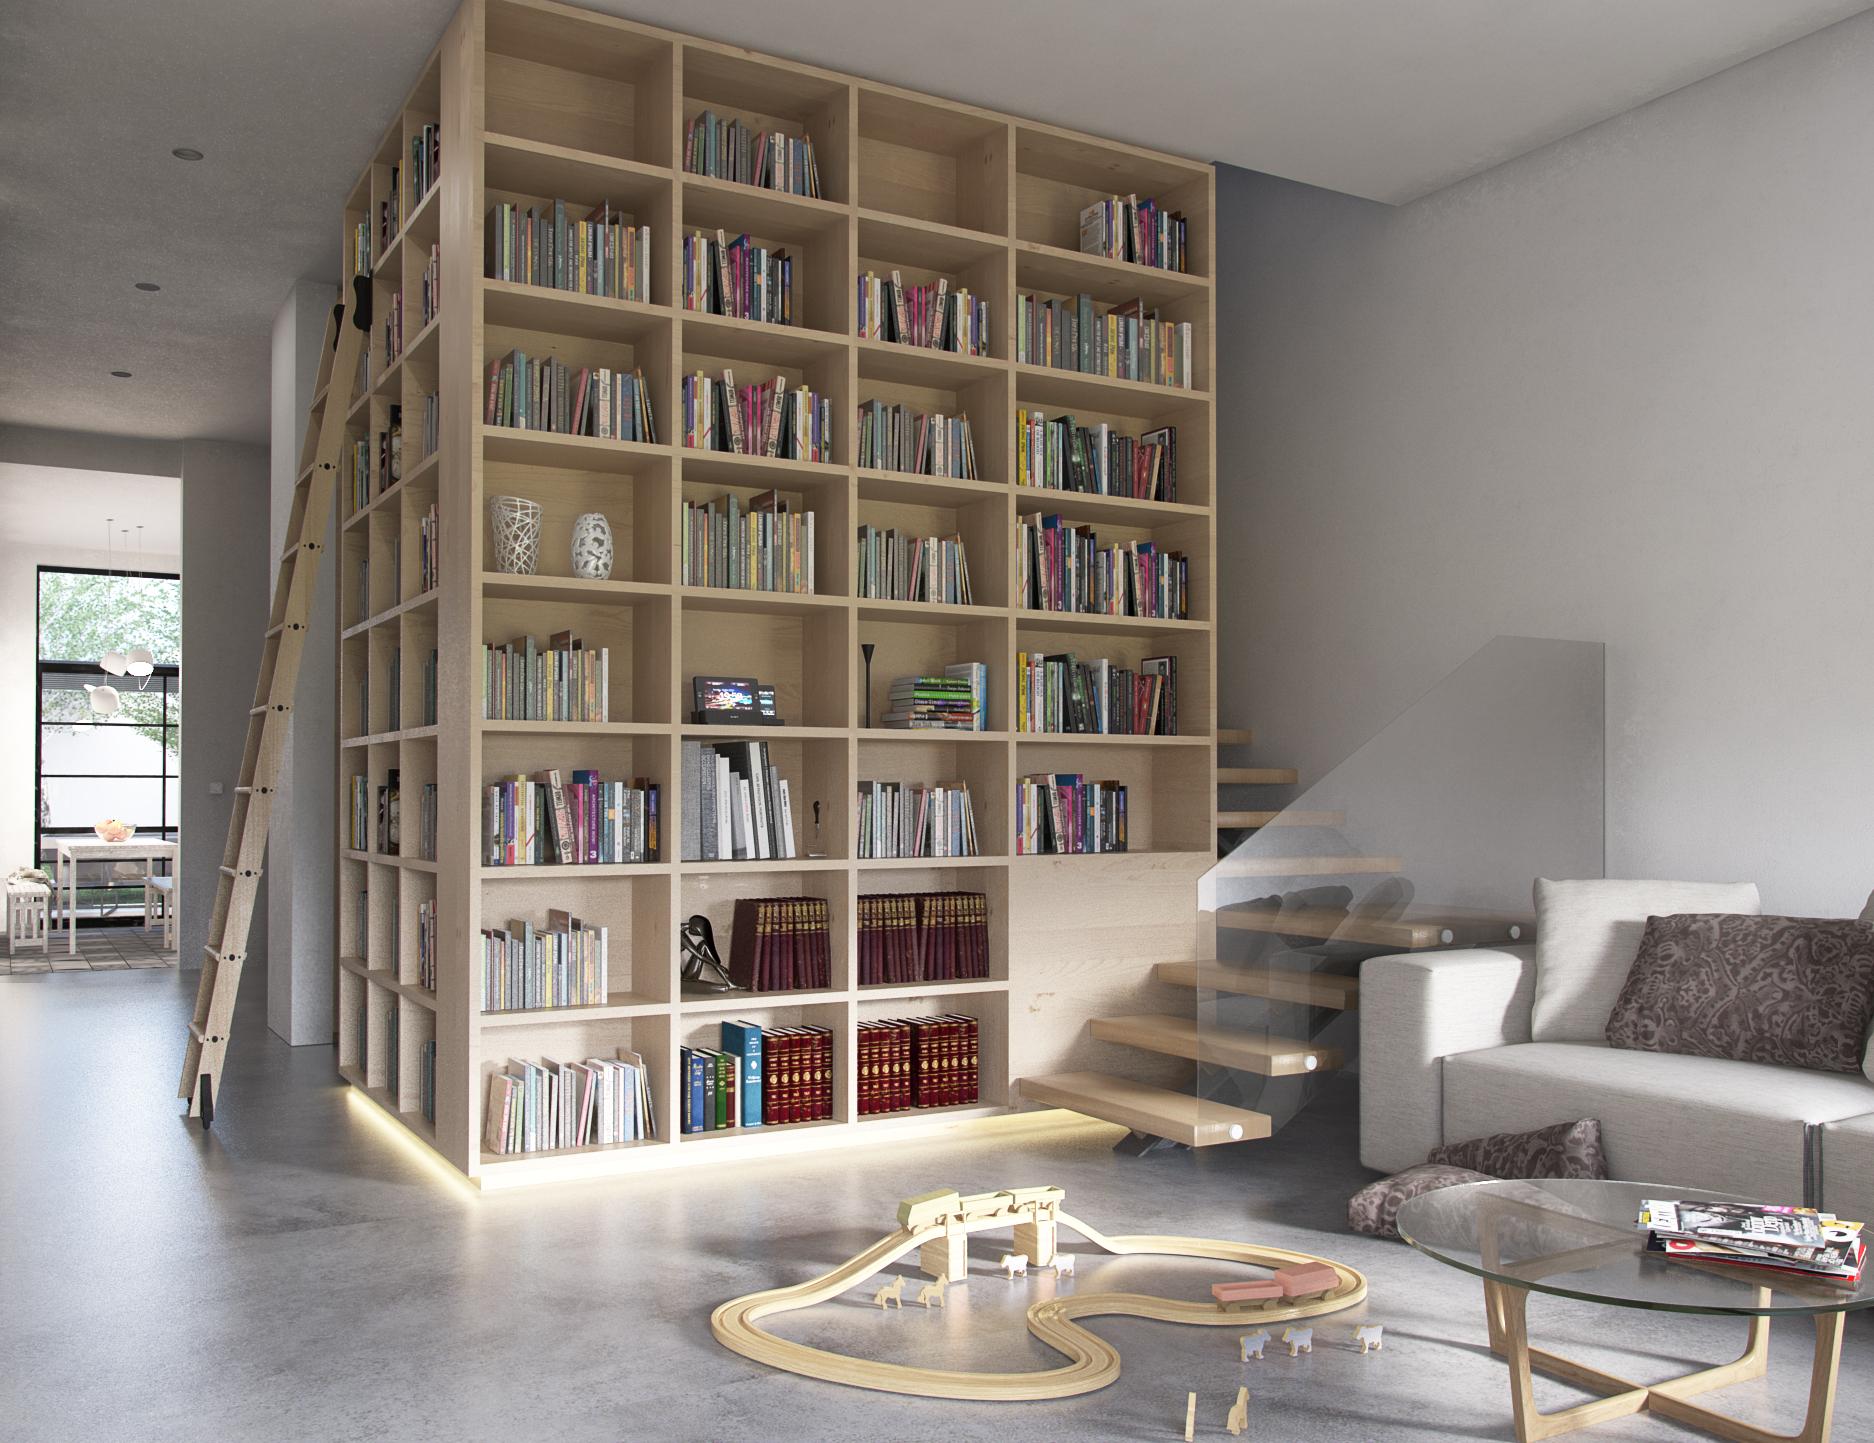 Transição sala/corredor com demolição de parede para criação de arrumação para livros e bibelots / MELOM